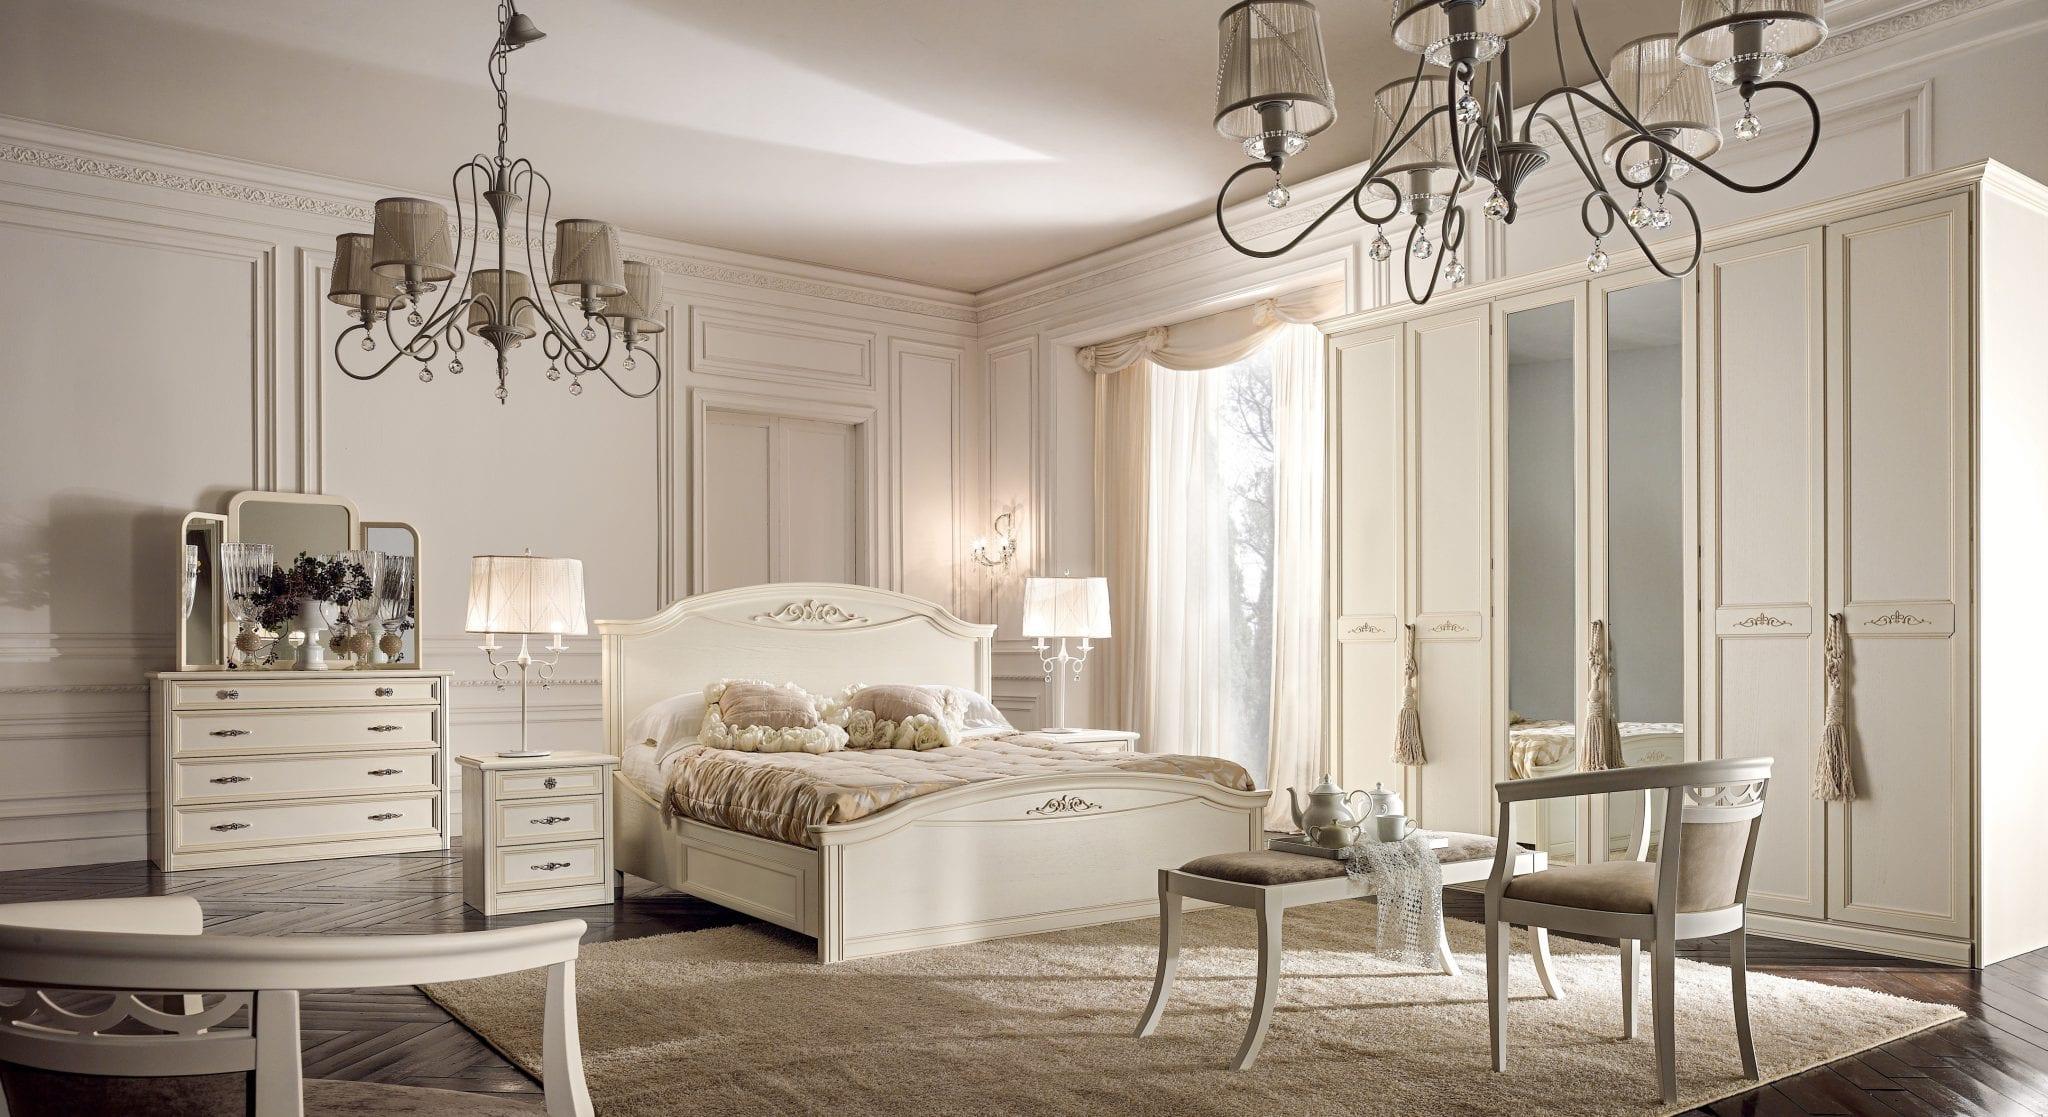 Camera da letto stile country